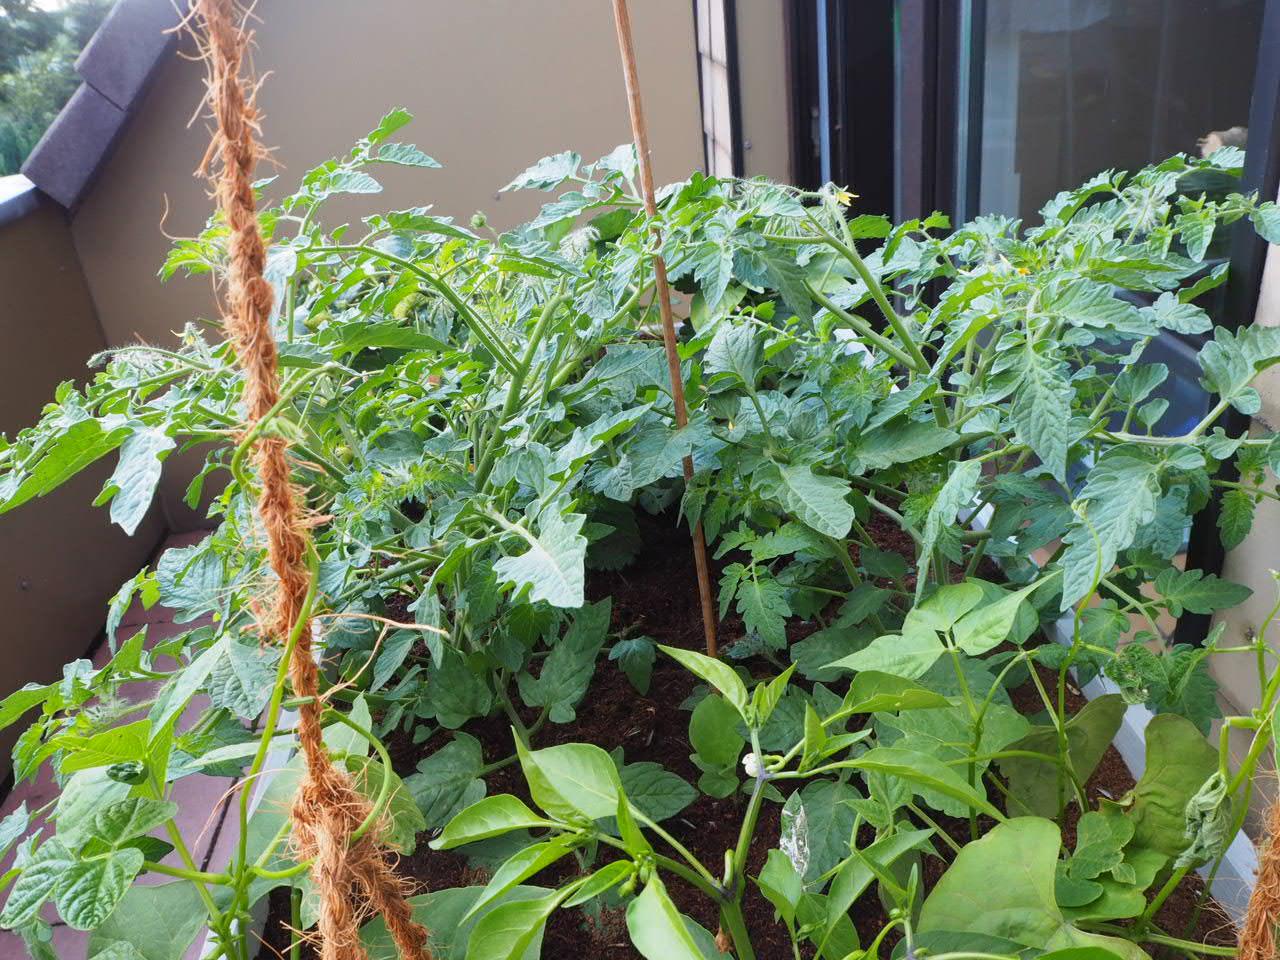 Das Balkon-Hochbeet mit Tomatenpflanzen